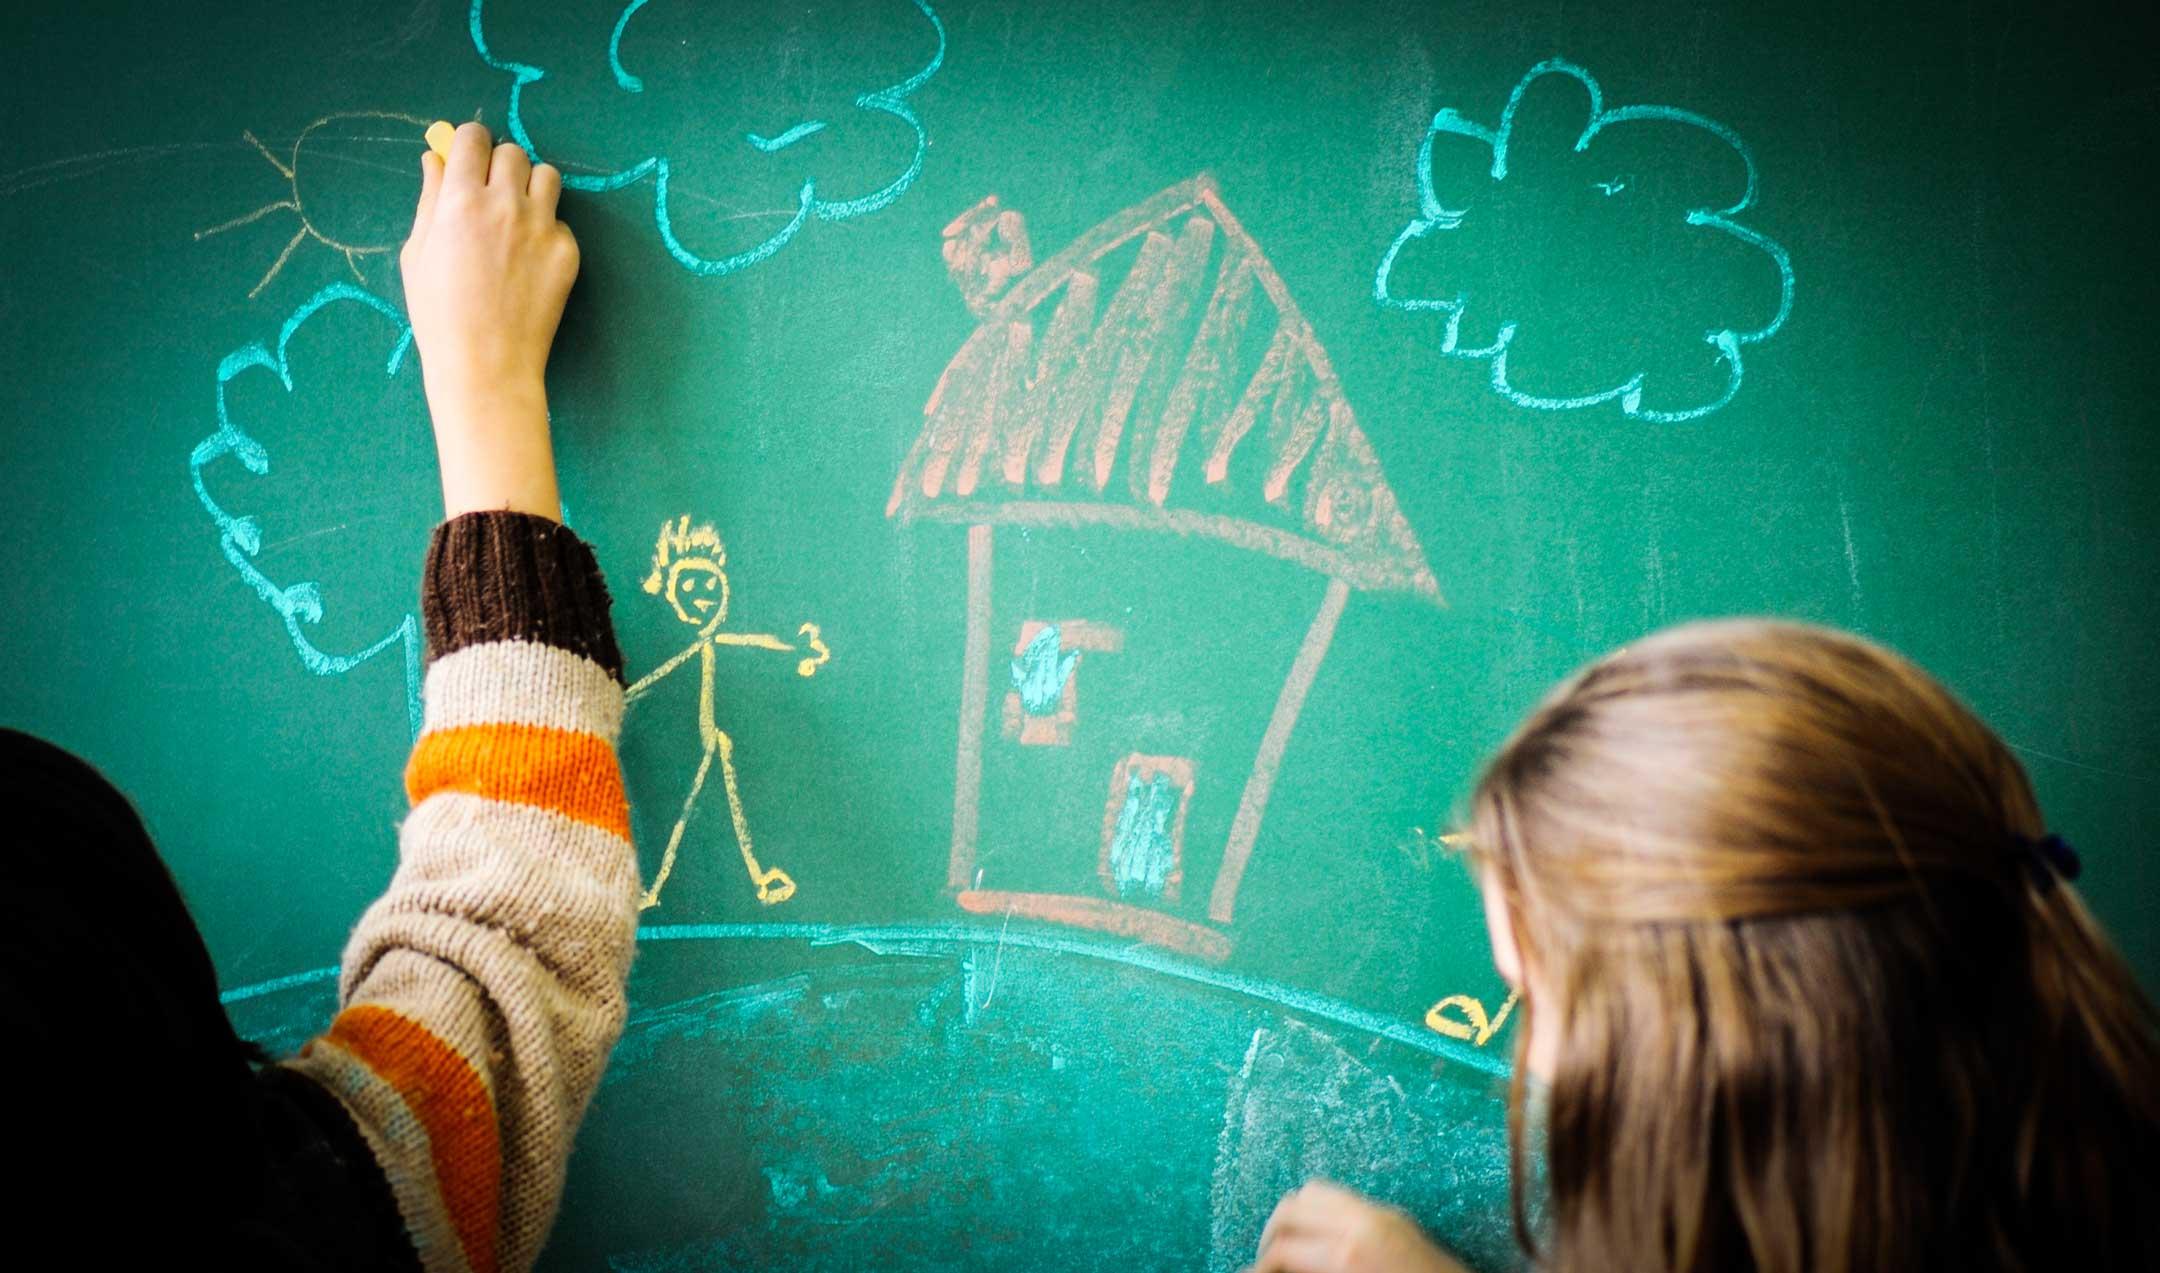 Kaksi lasta seisoo liitutaulun edessä, piirtävät värikkäillä liiduilla, piirrettynä jo talo, tikku-ukko, pilvi ja aurinko.